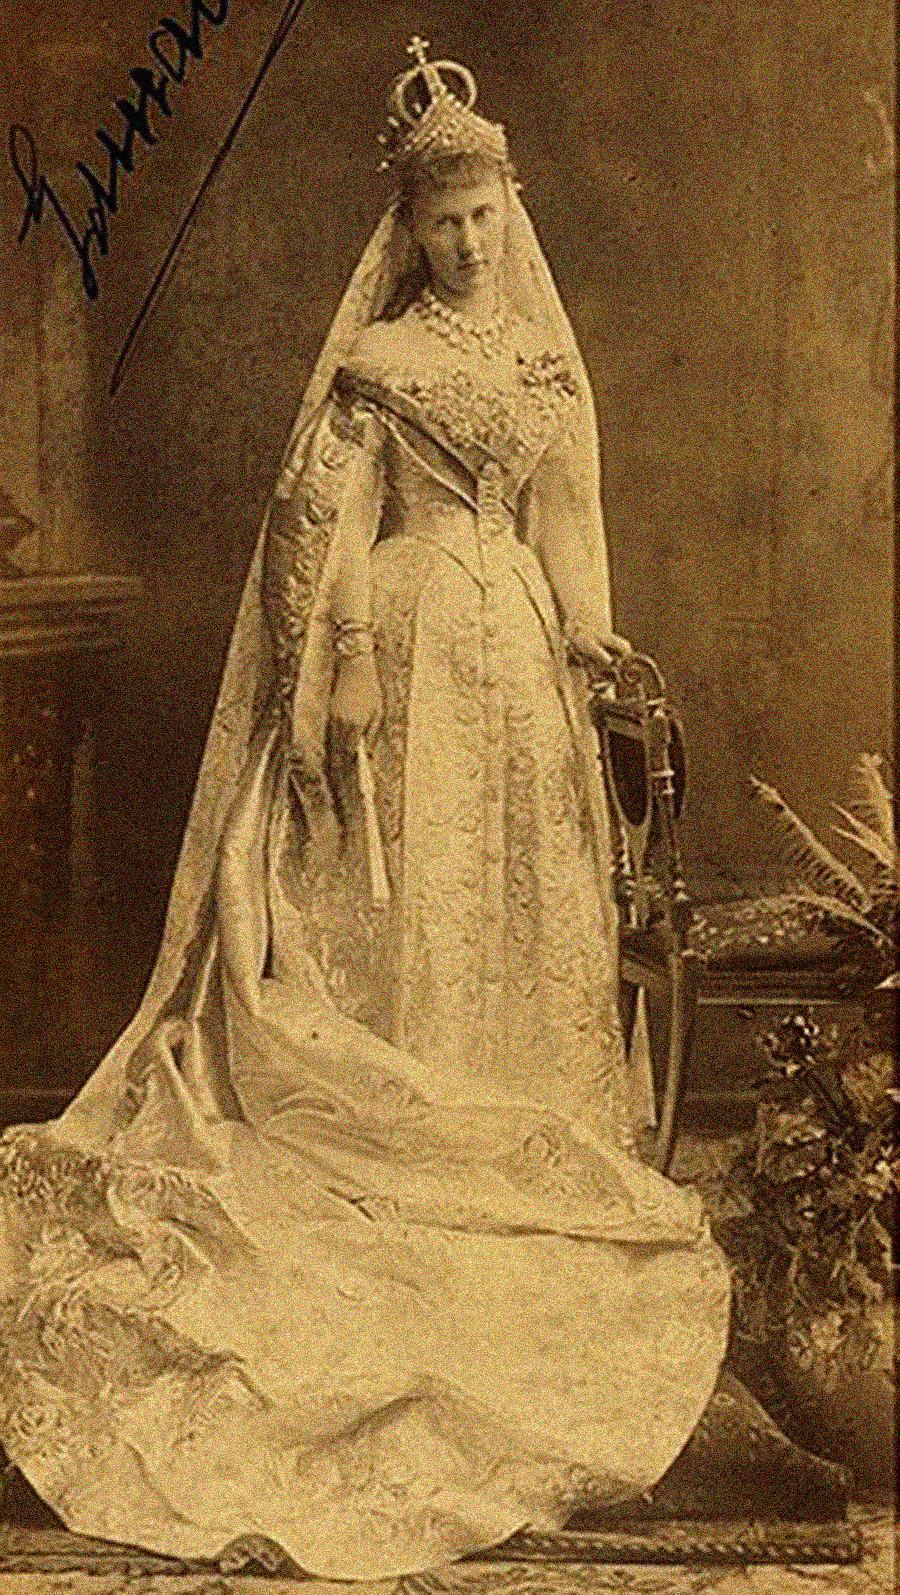 尼古拉一世孙女伊丽莎白·马克夫里基叶夫娜女大公穿着婚纱,1884年。公开来源